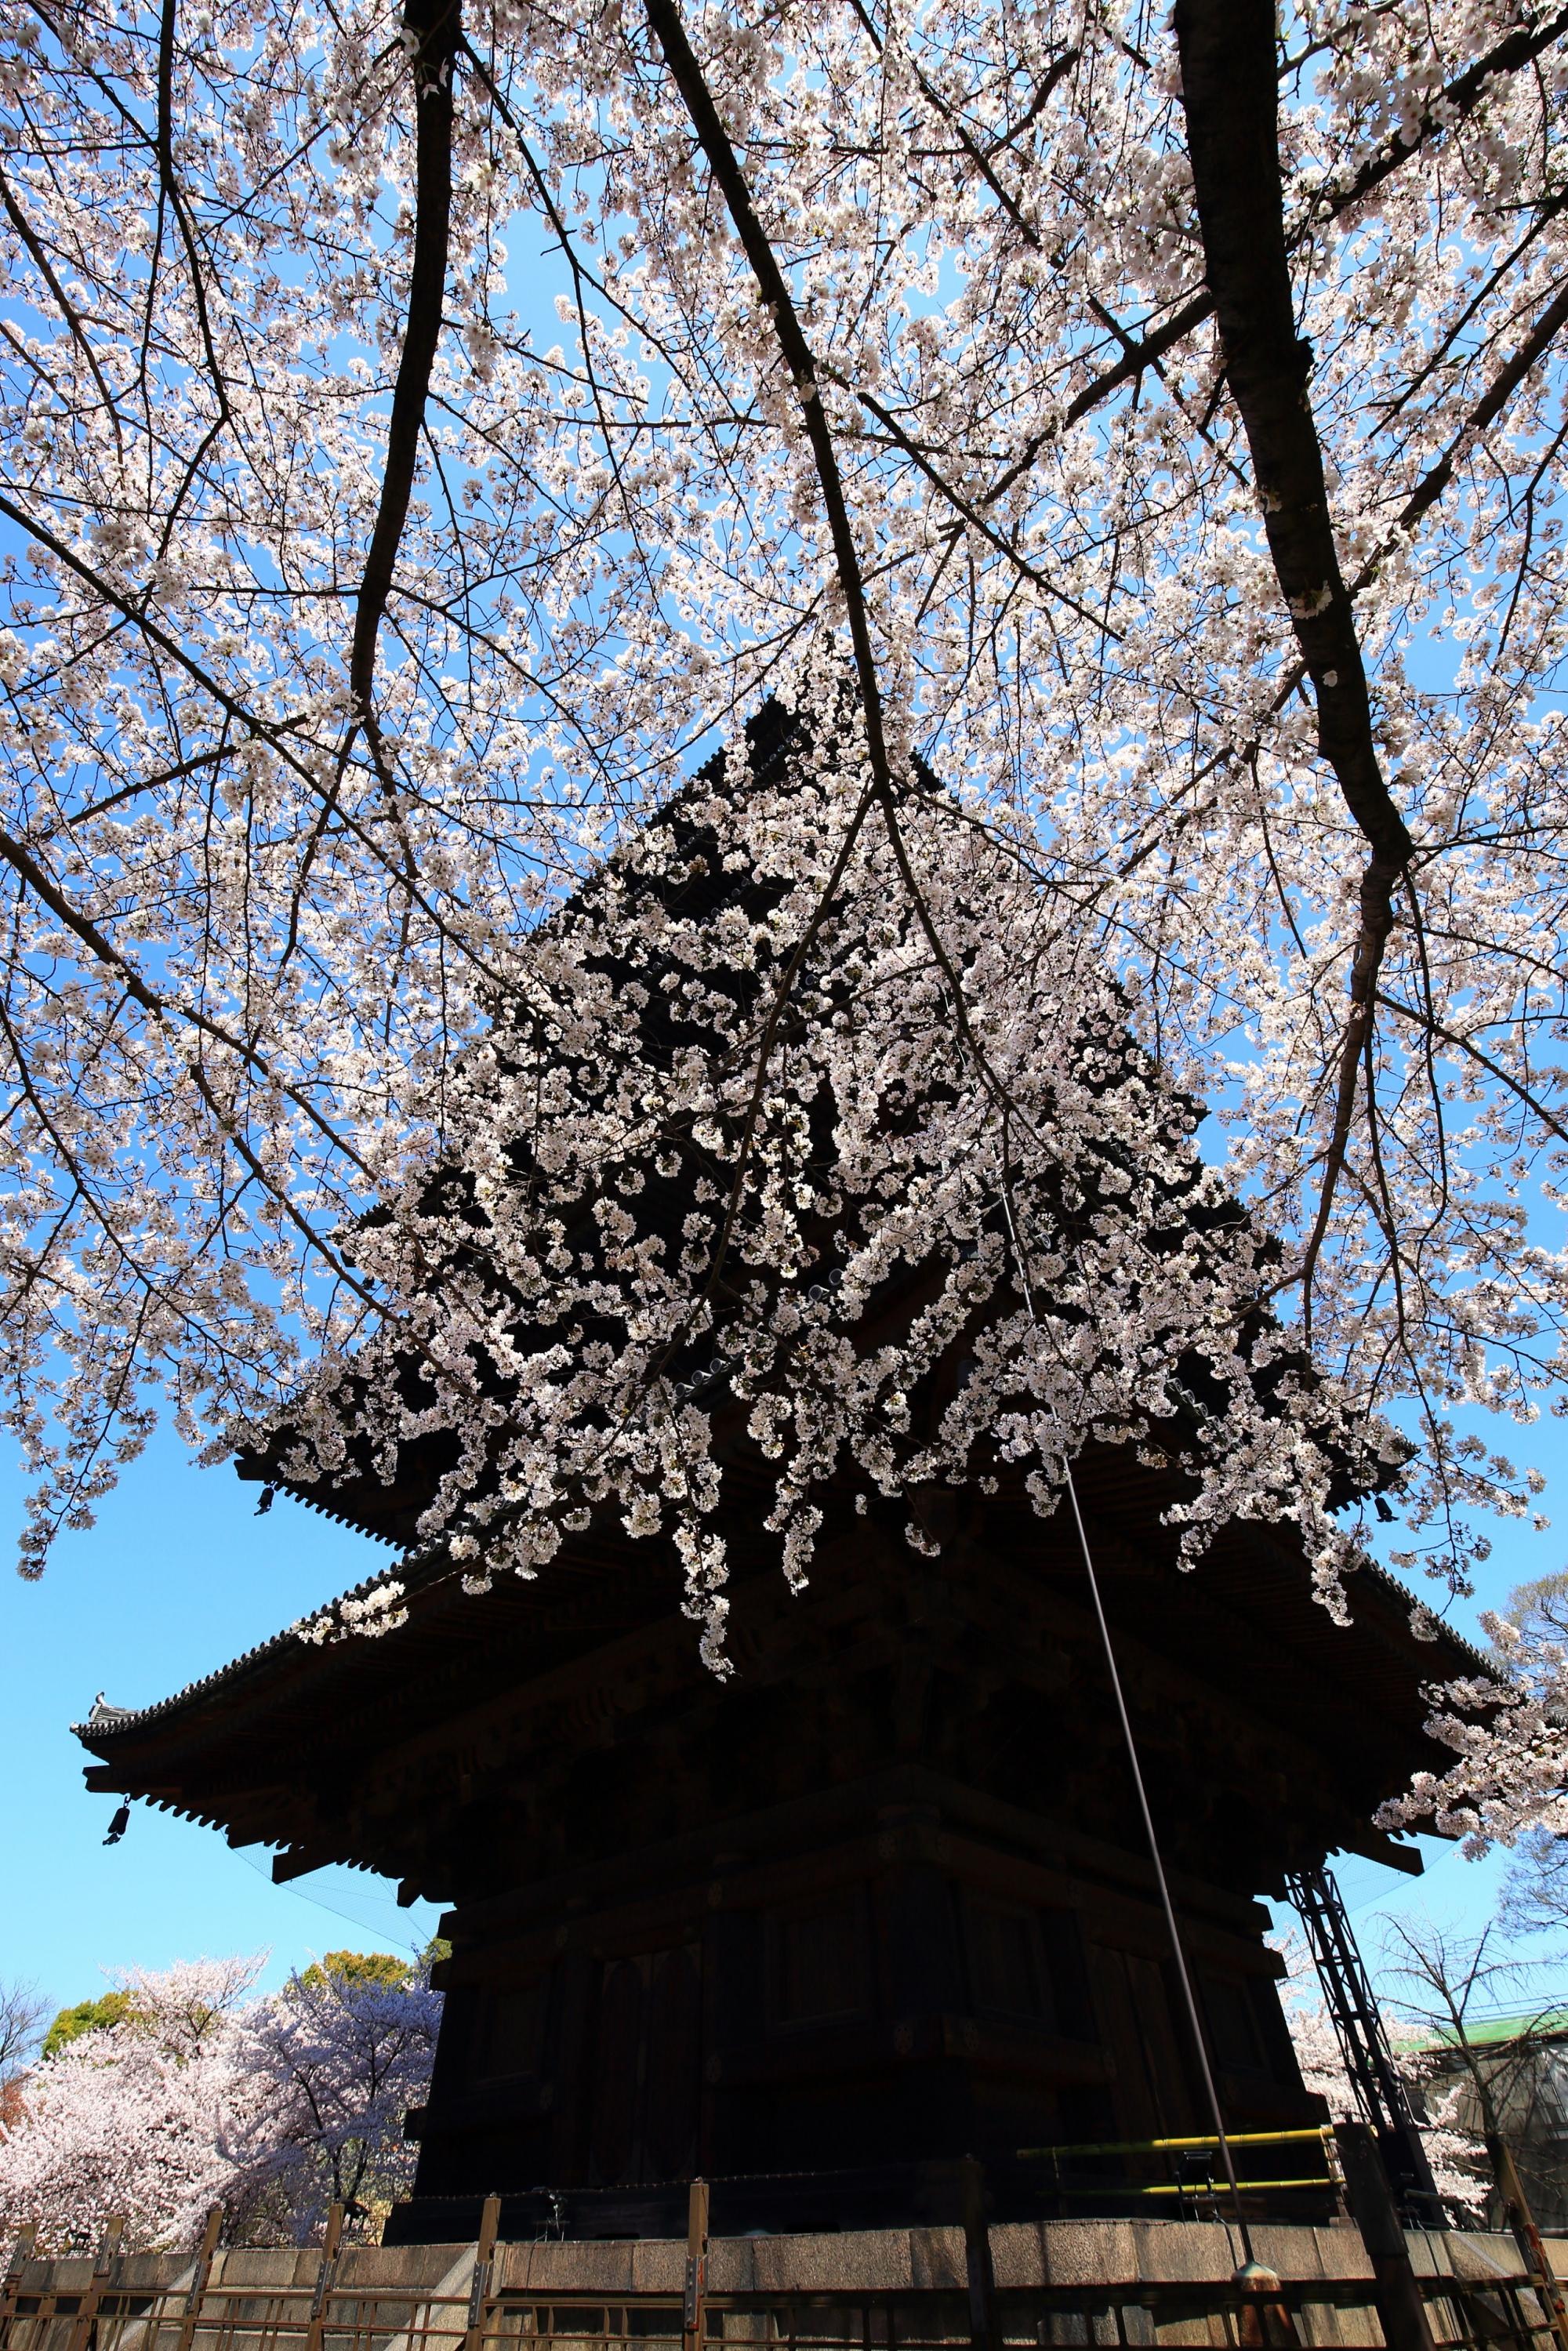 五重塔を華やかな春色にそめる見事な桜